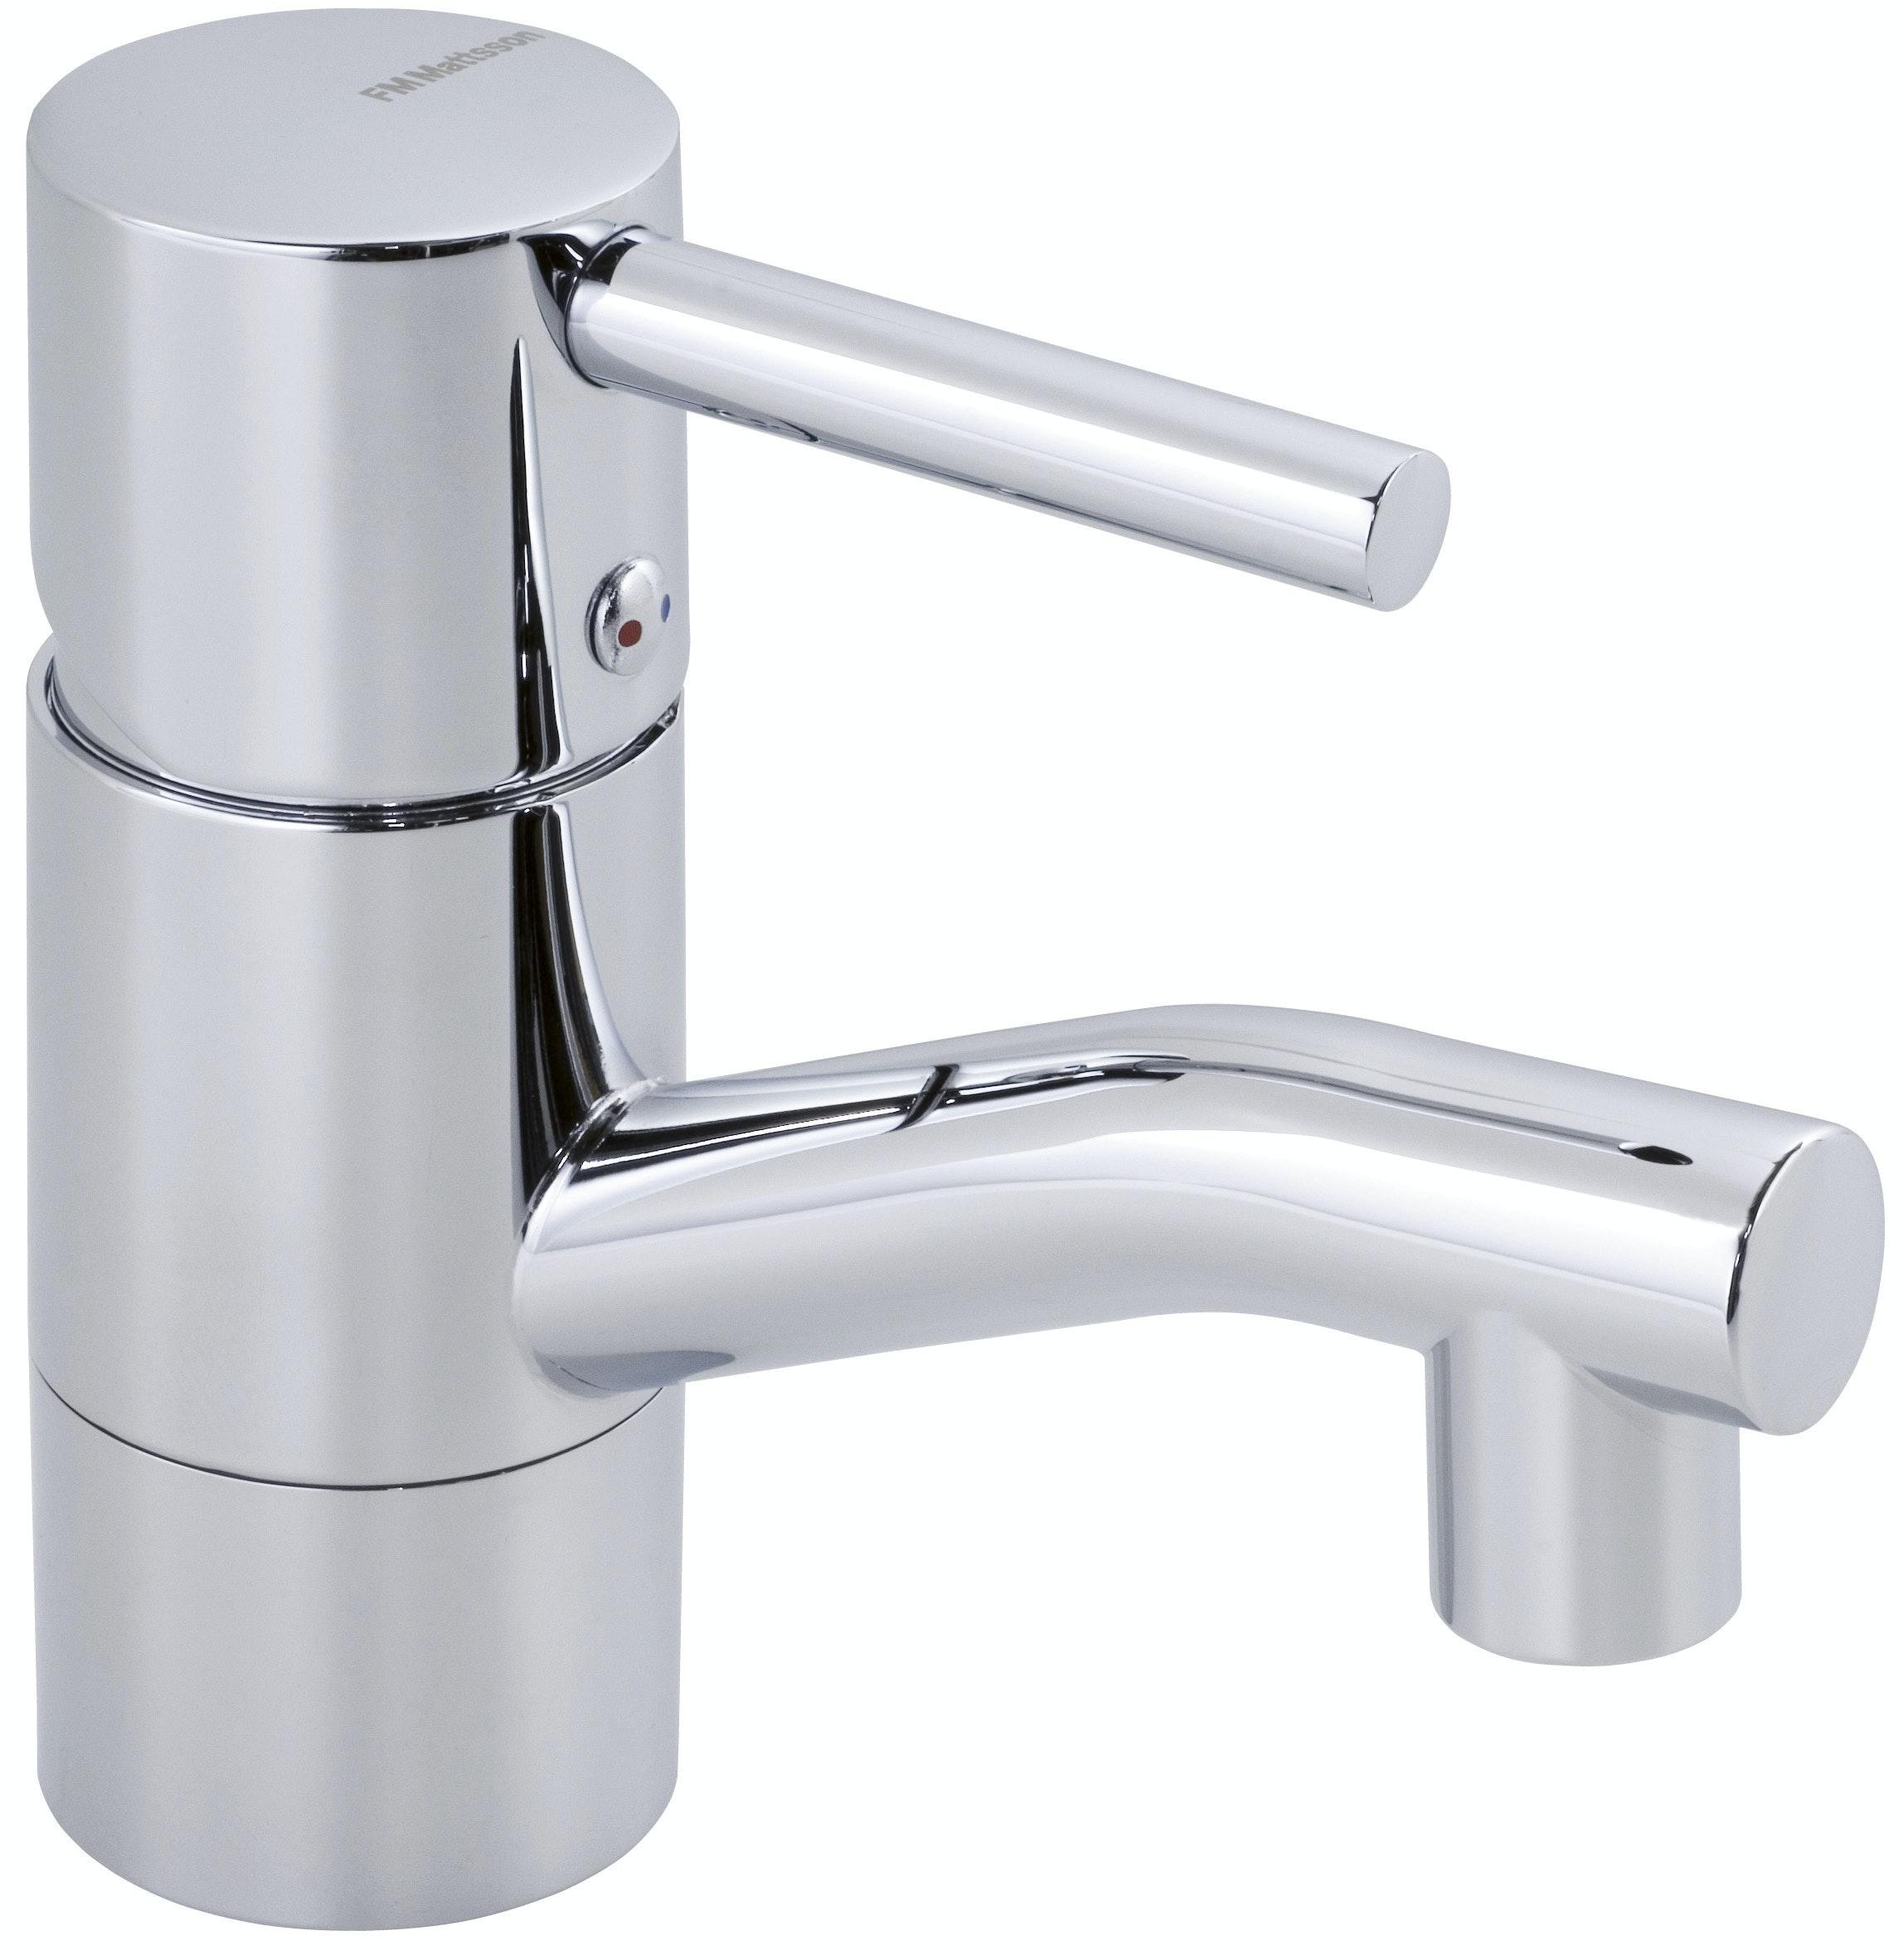 Tvättställsblandare FMM Garda